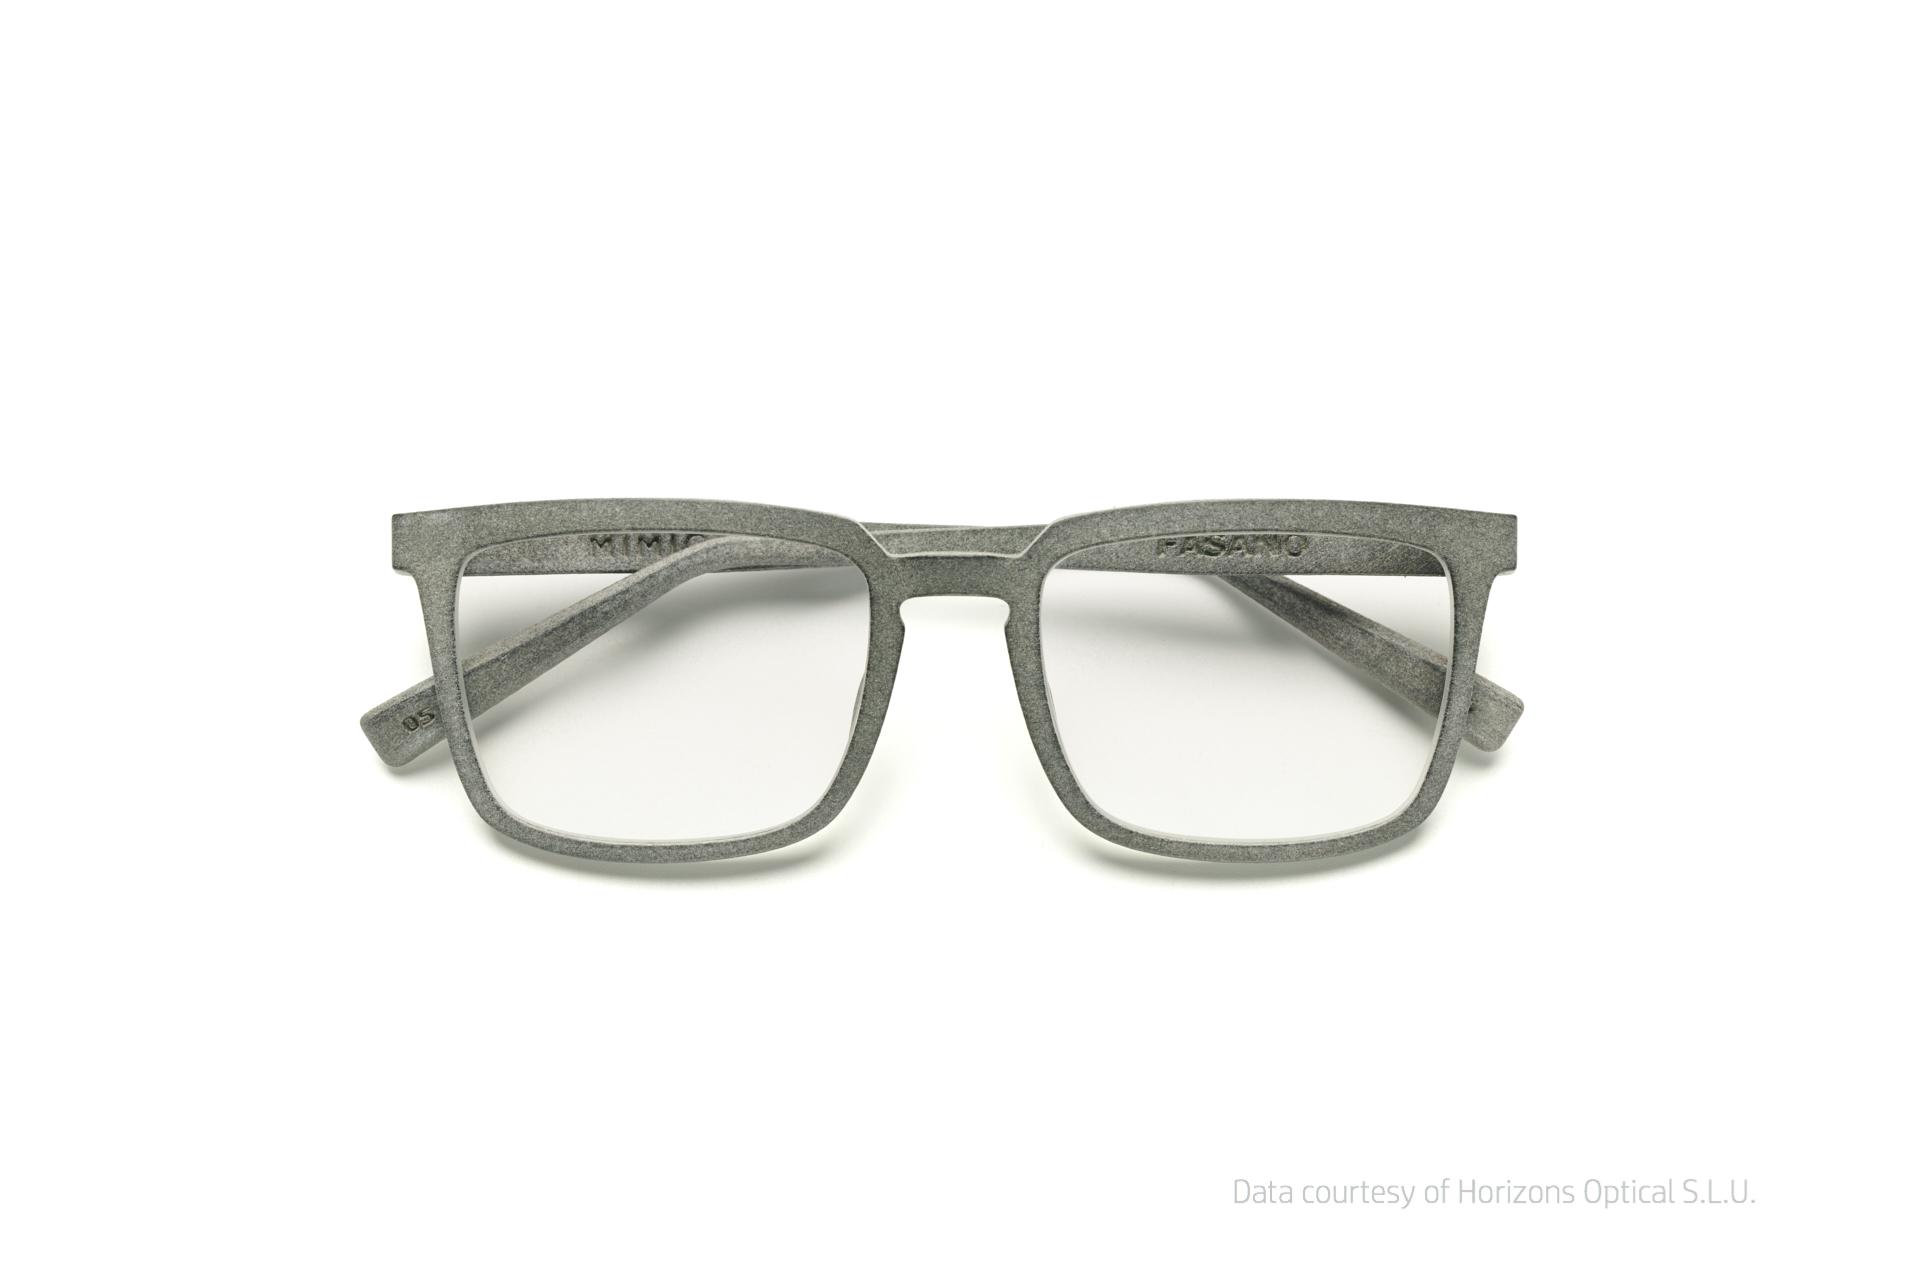 Mit Additiver Fertigung hergestelltes Brillengestell aus Kunststoff